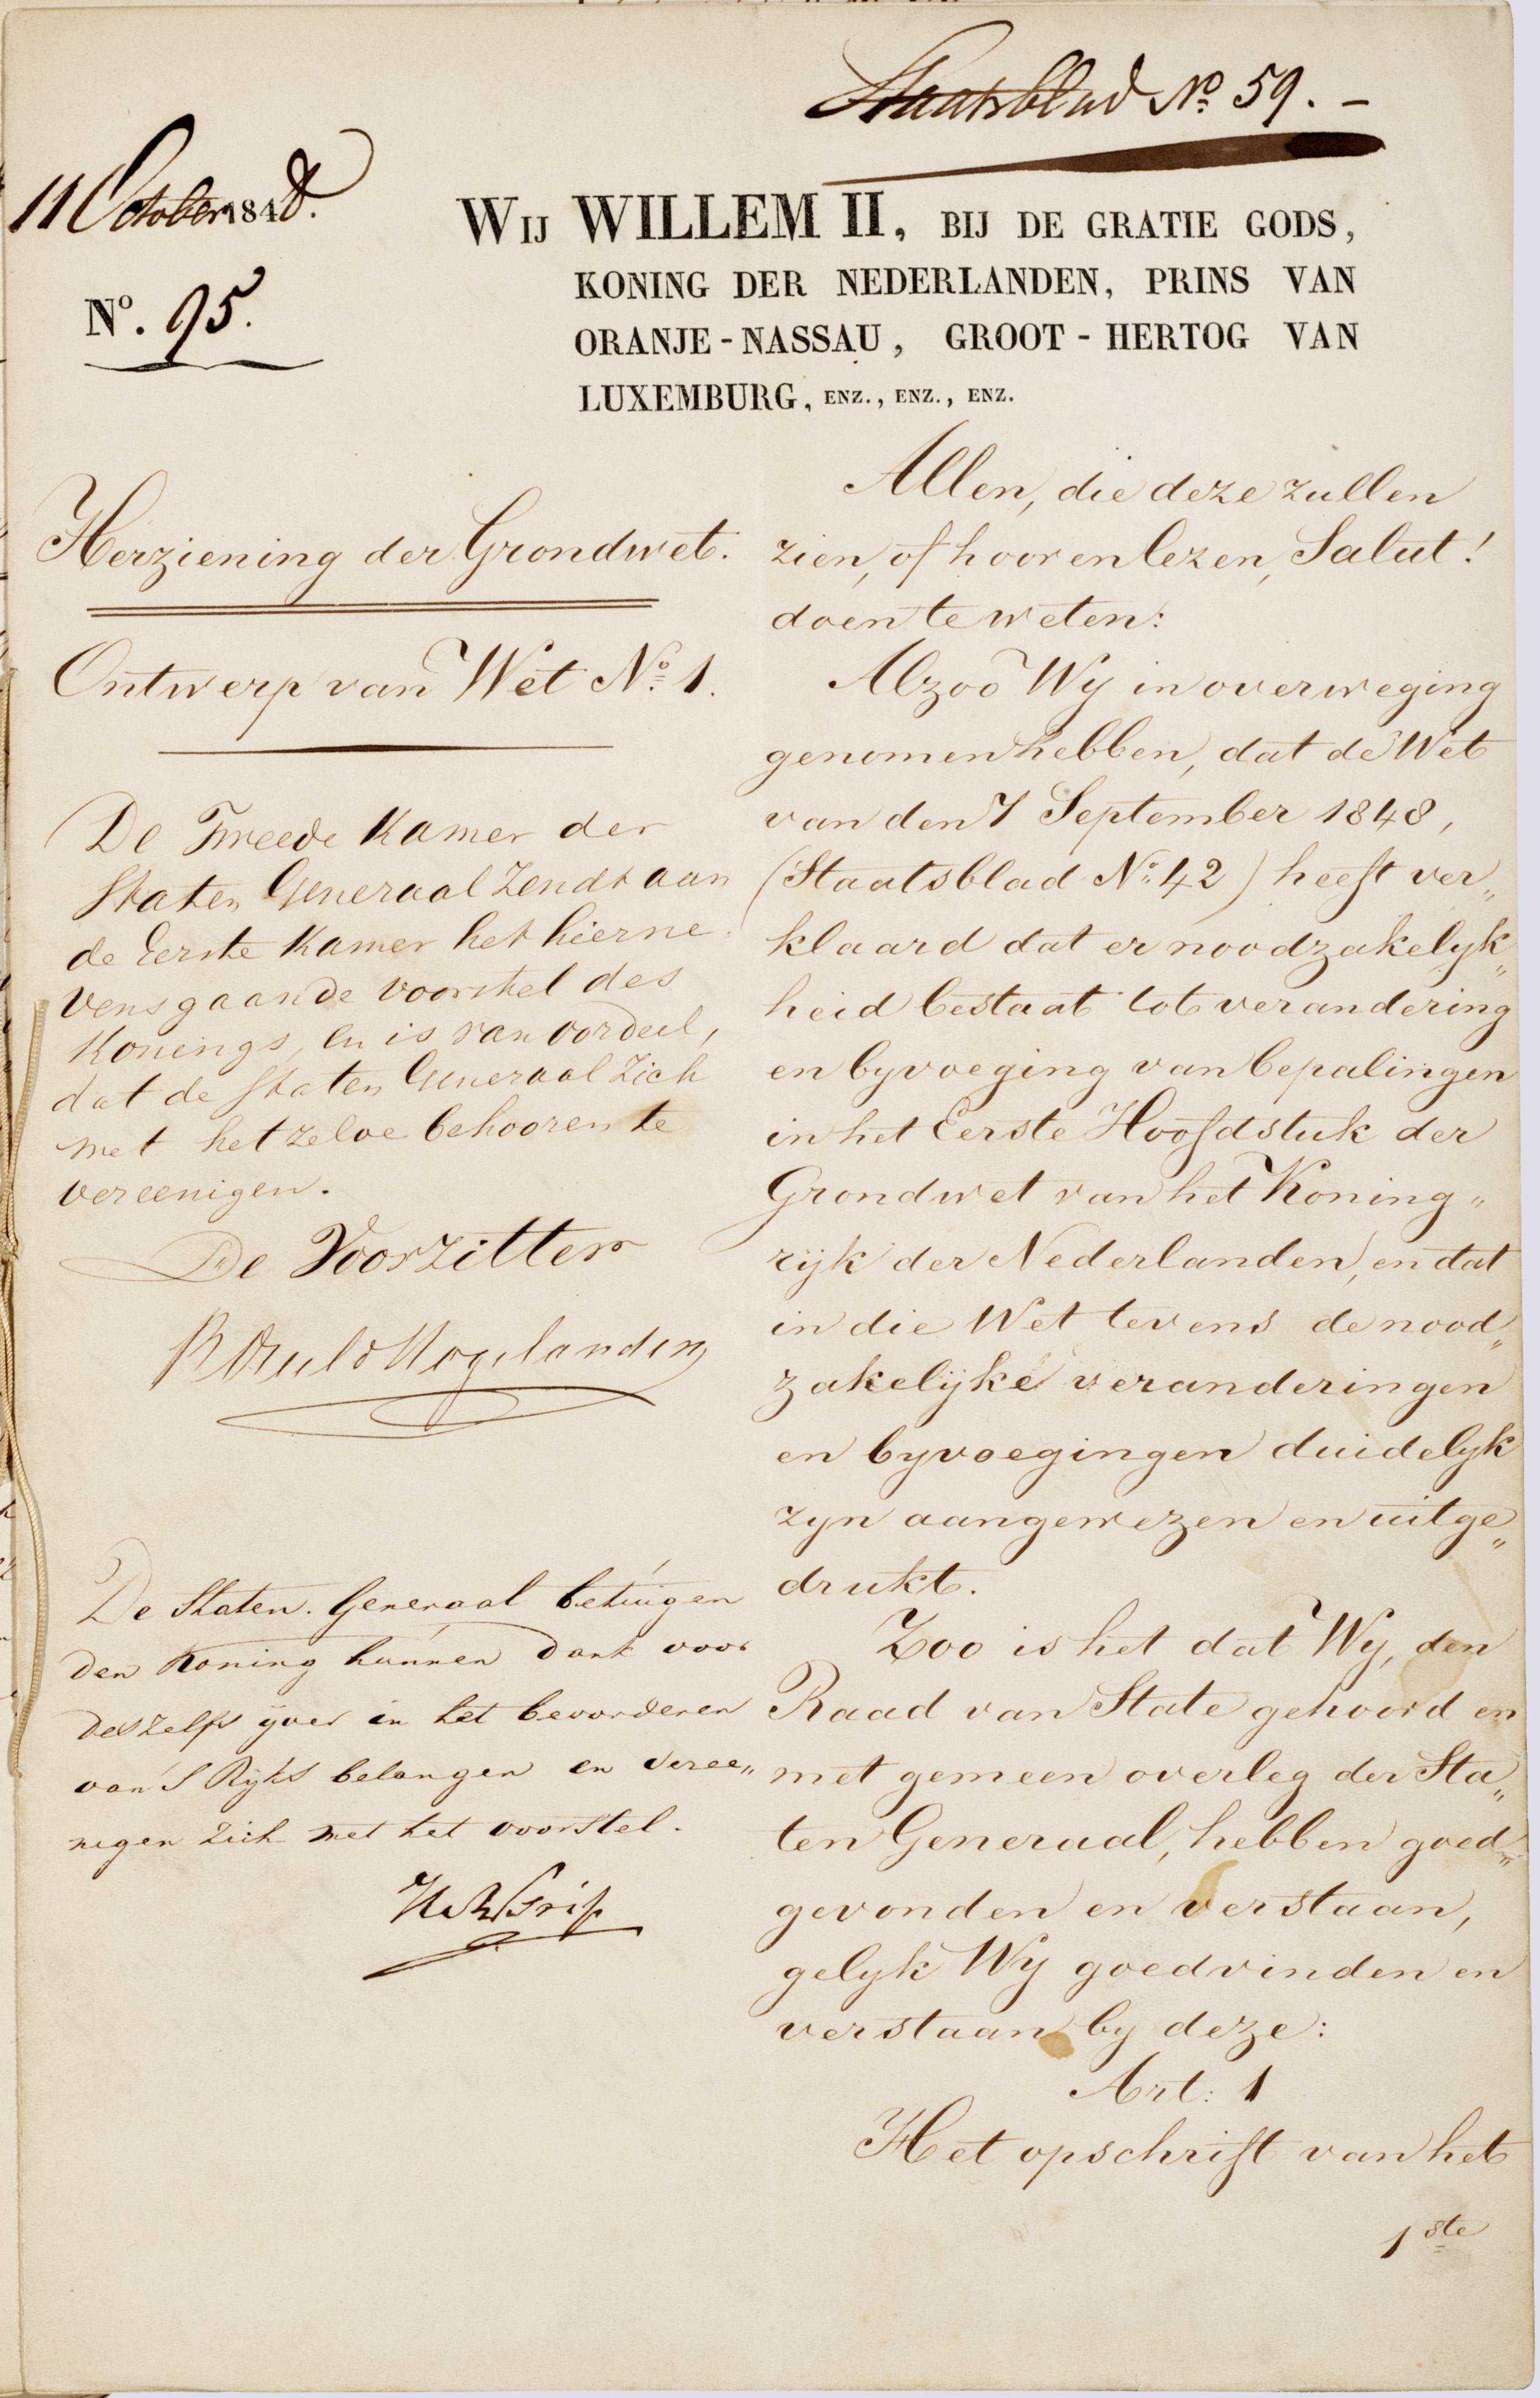 De Grondwet 1848 - Maand van de Geschiedenis